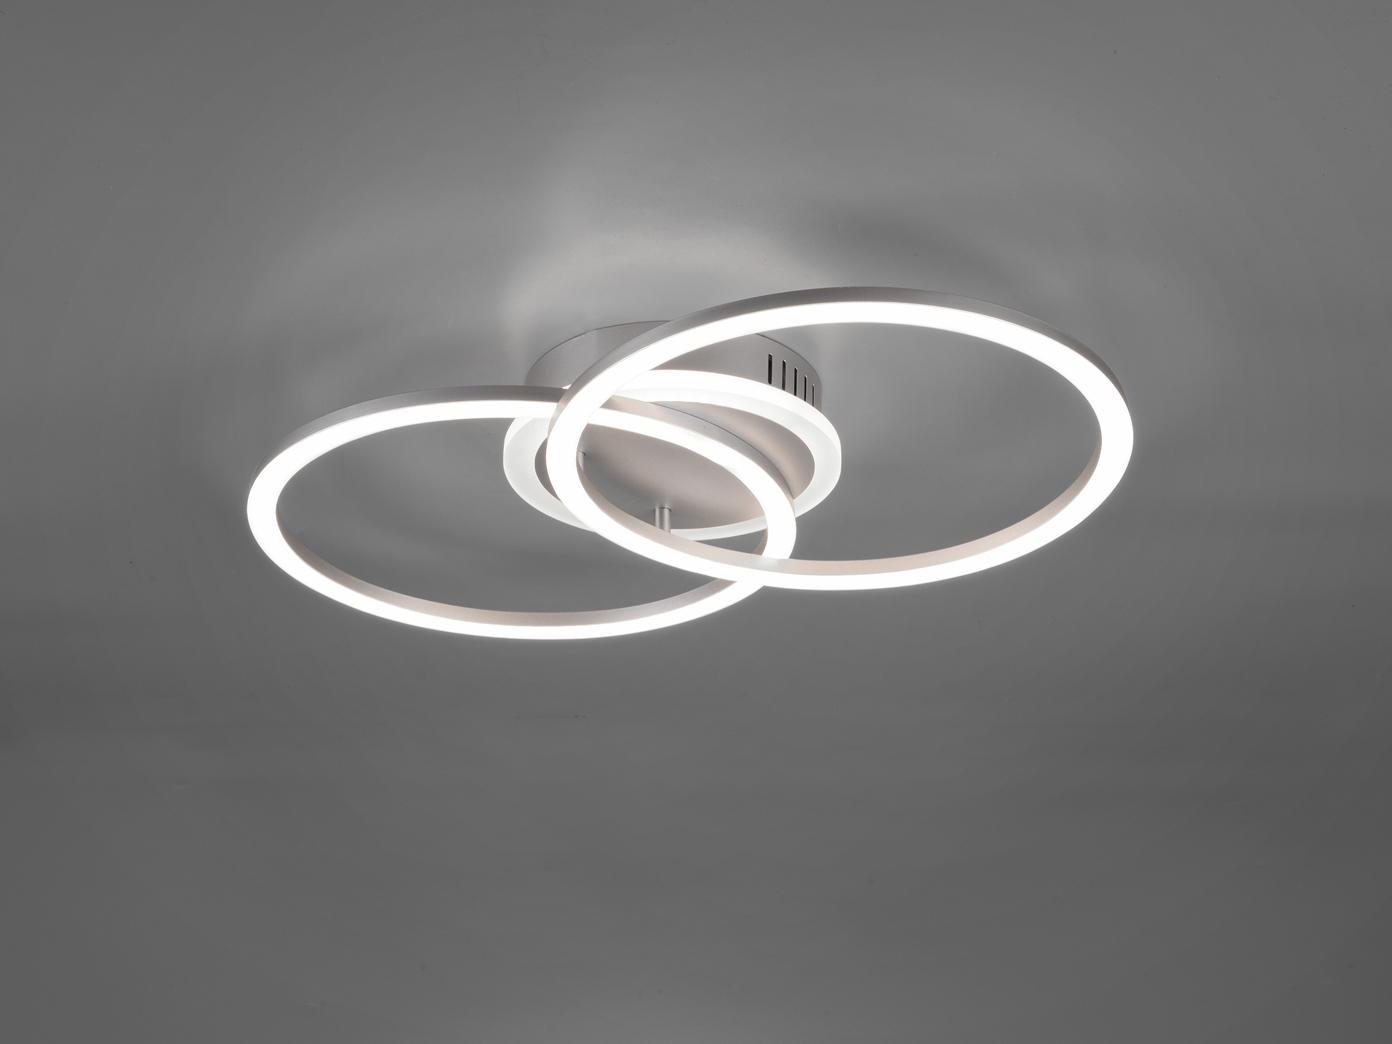 Grosse Led Deckenlampe Mit Dimmer Flache Ringleuchte Fur Wohnzimmer 50x30cm Kaufen Bei Setpoint Deutschland Gmbh